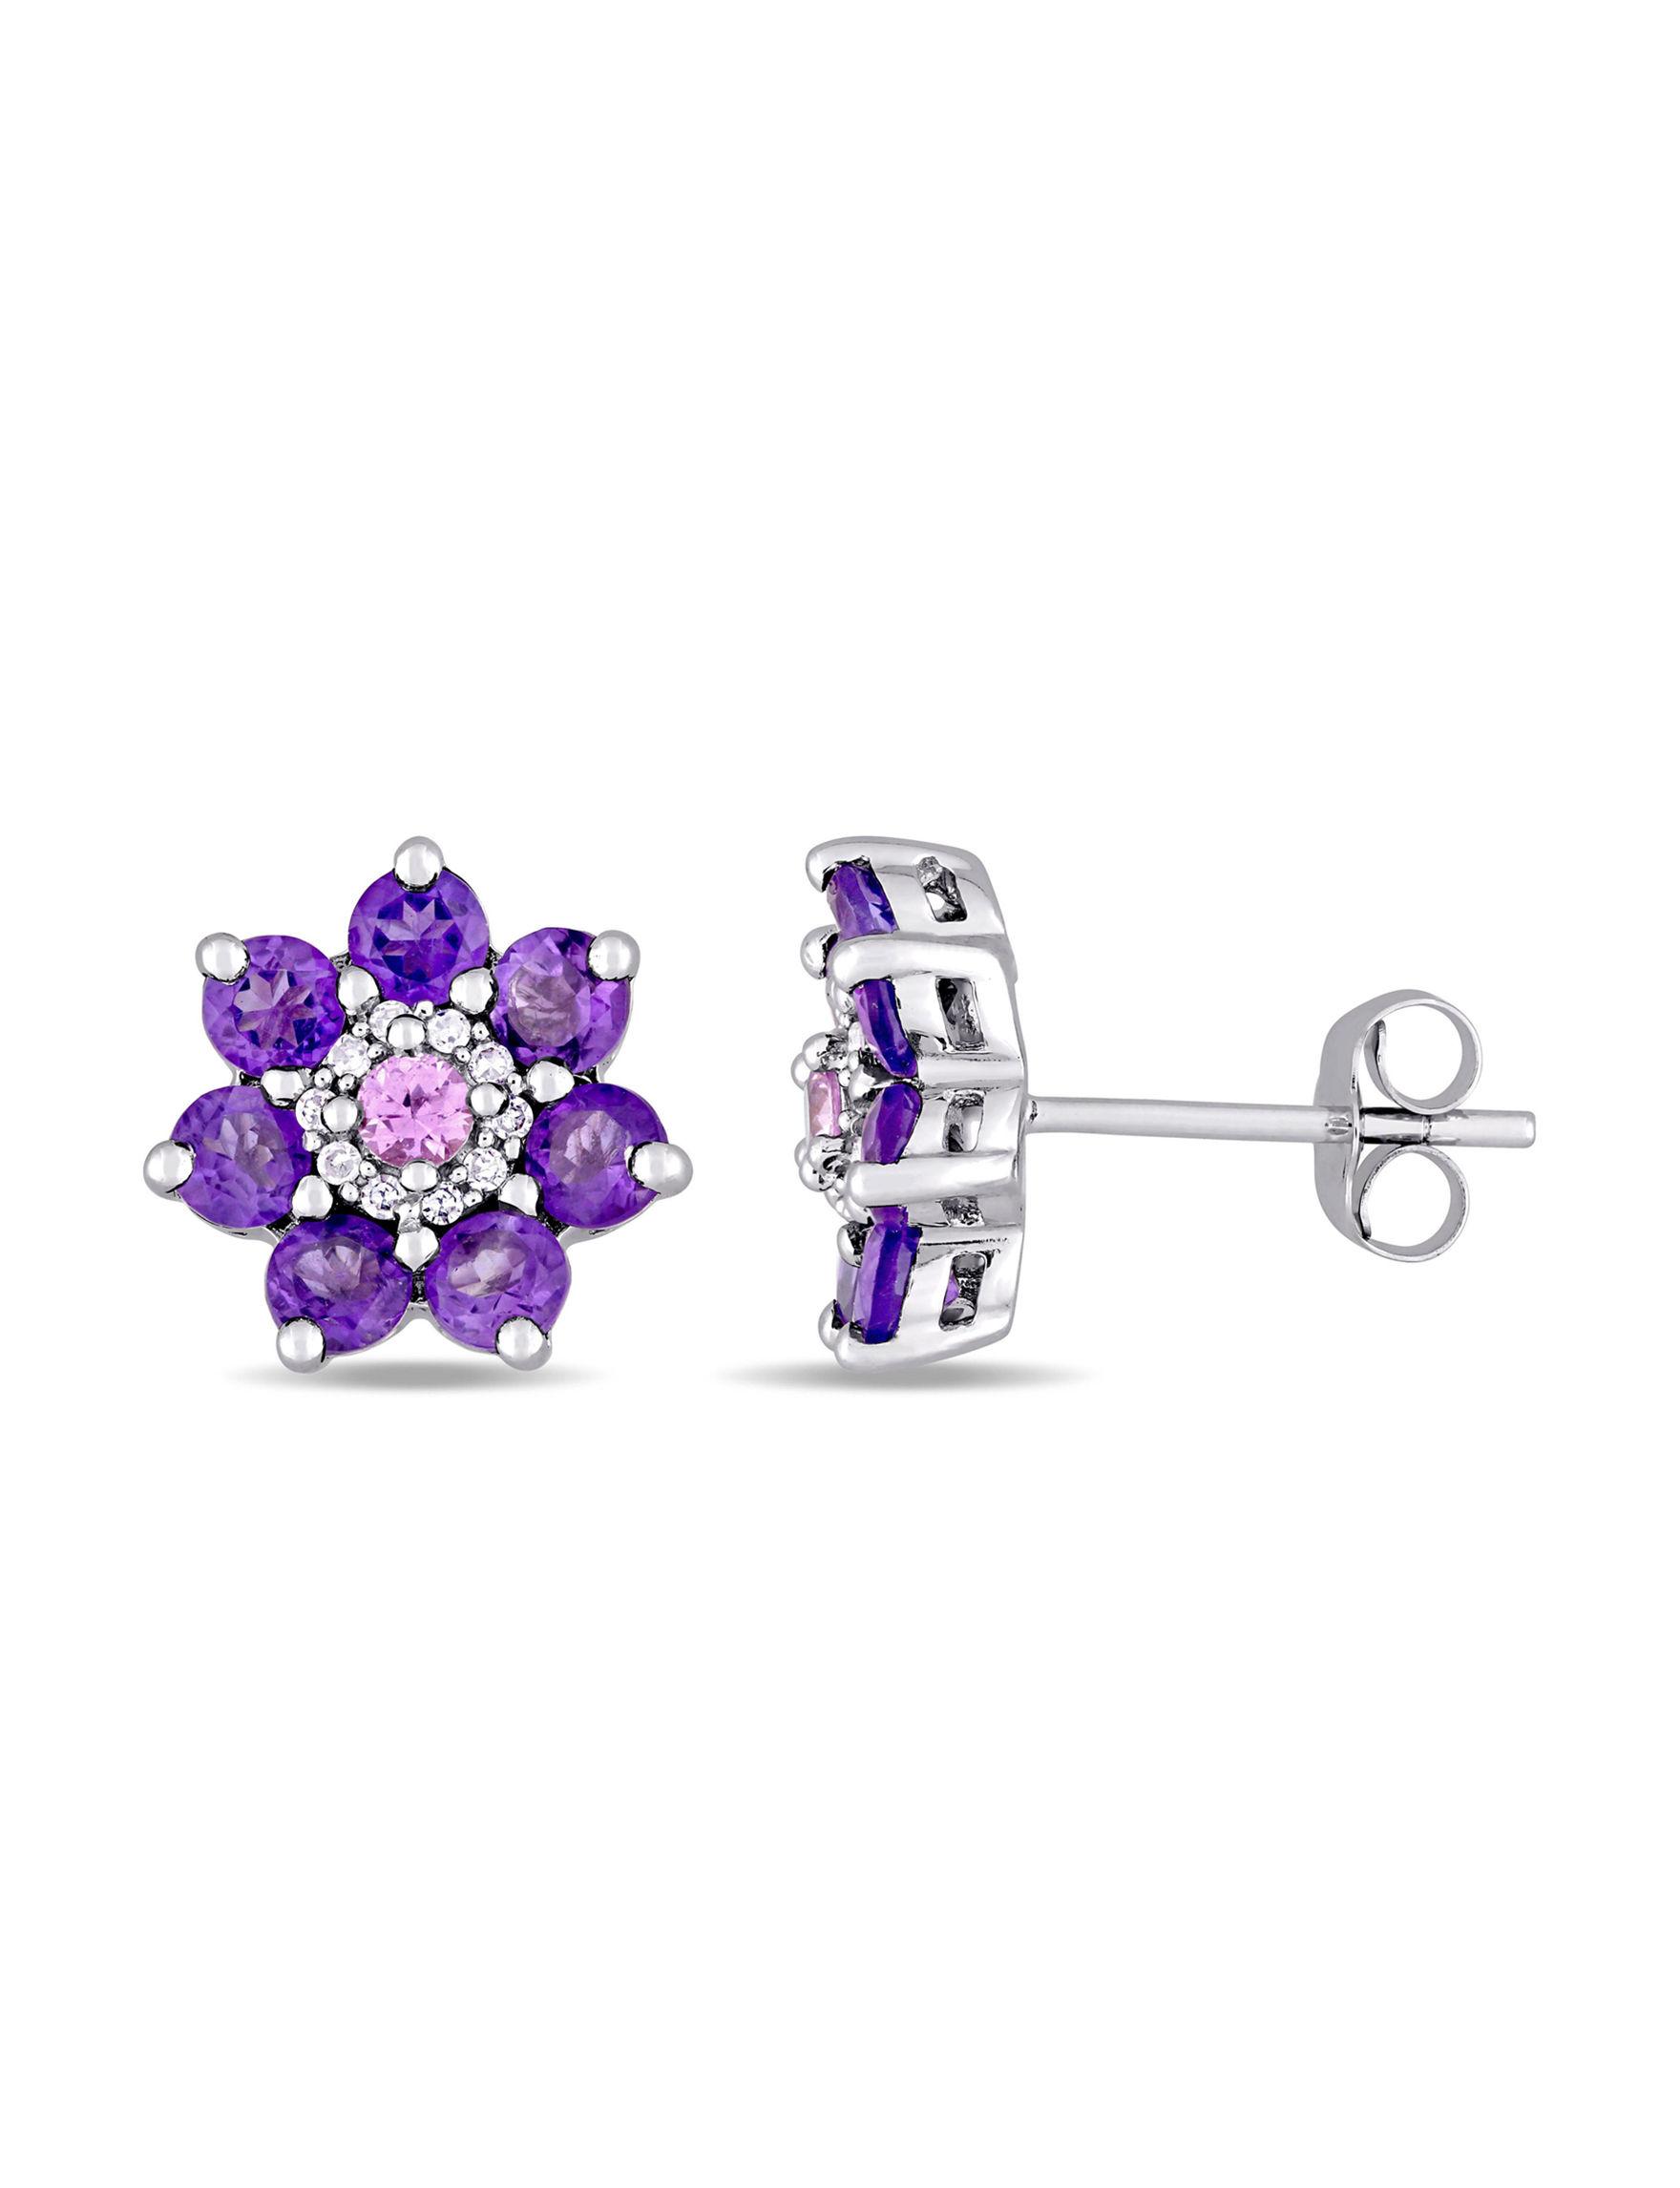 Laura Ashley Silver Earrings Fine Jewelry